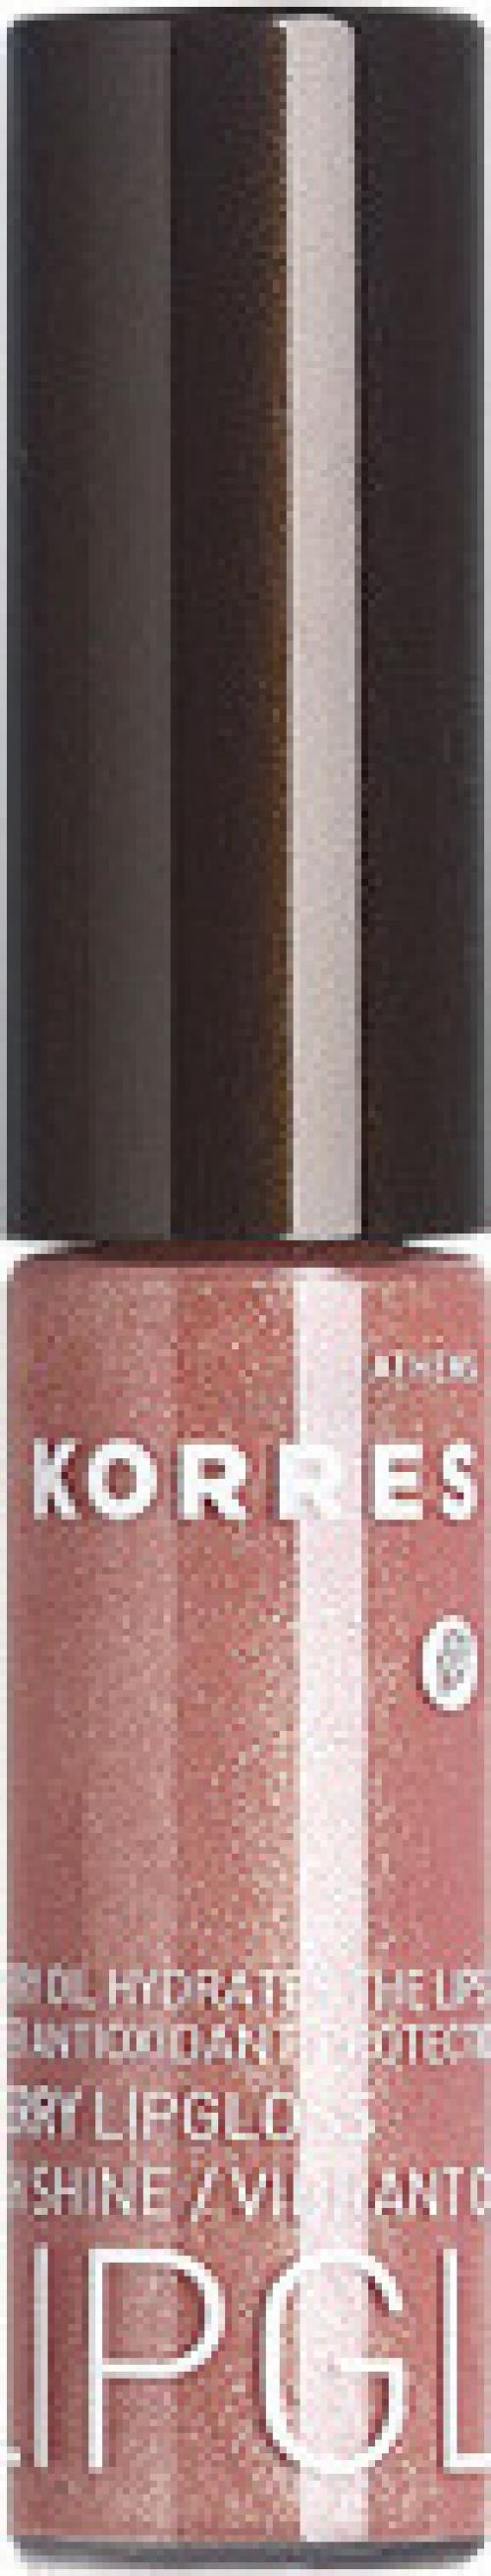 Κεράσι LipGloss 6ml 30 Φυσικό Μπέζ